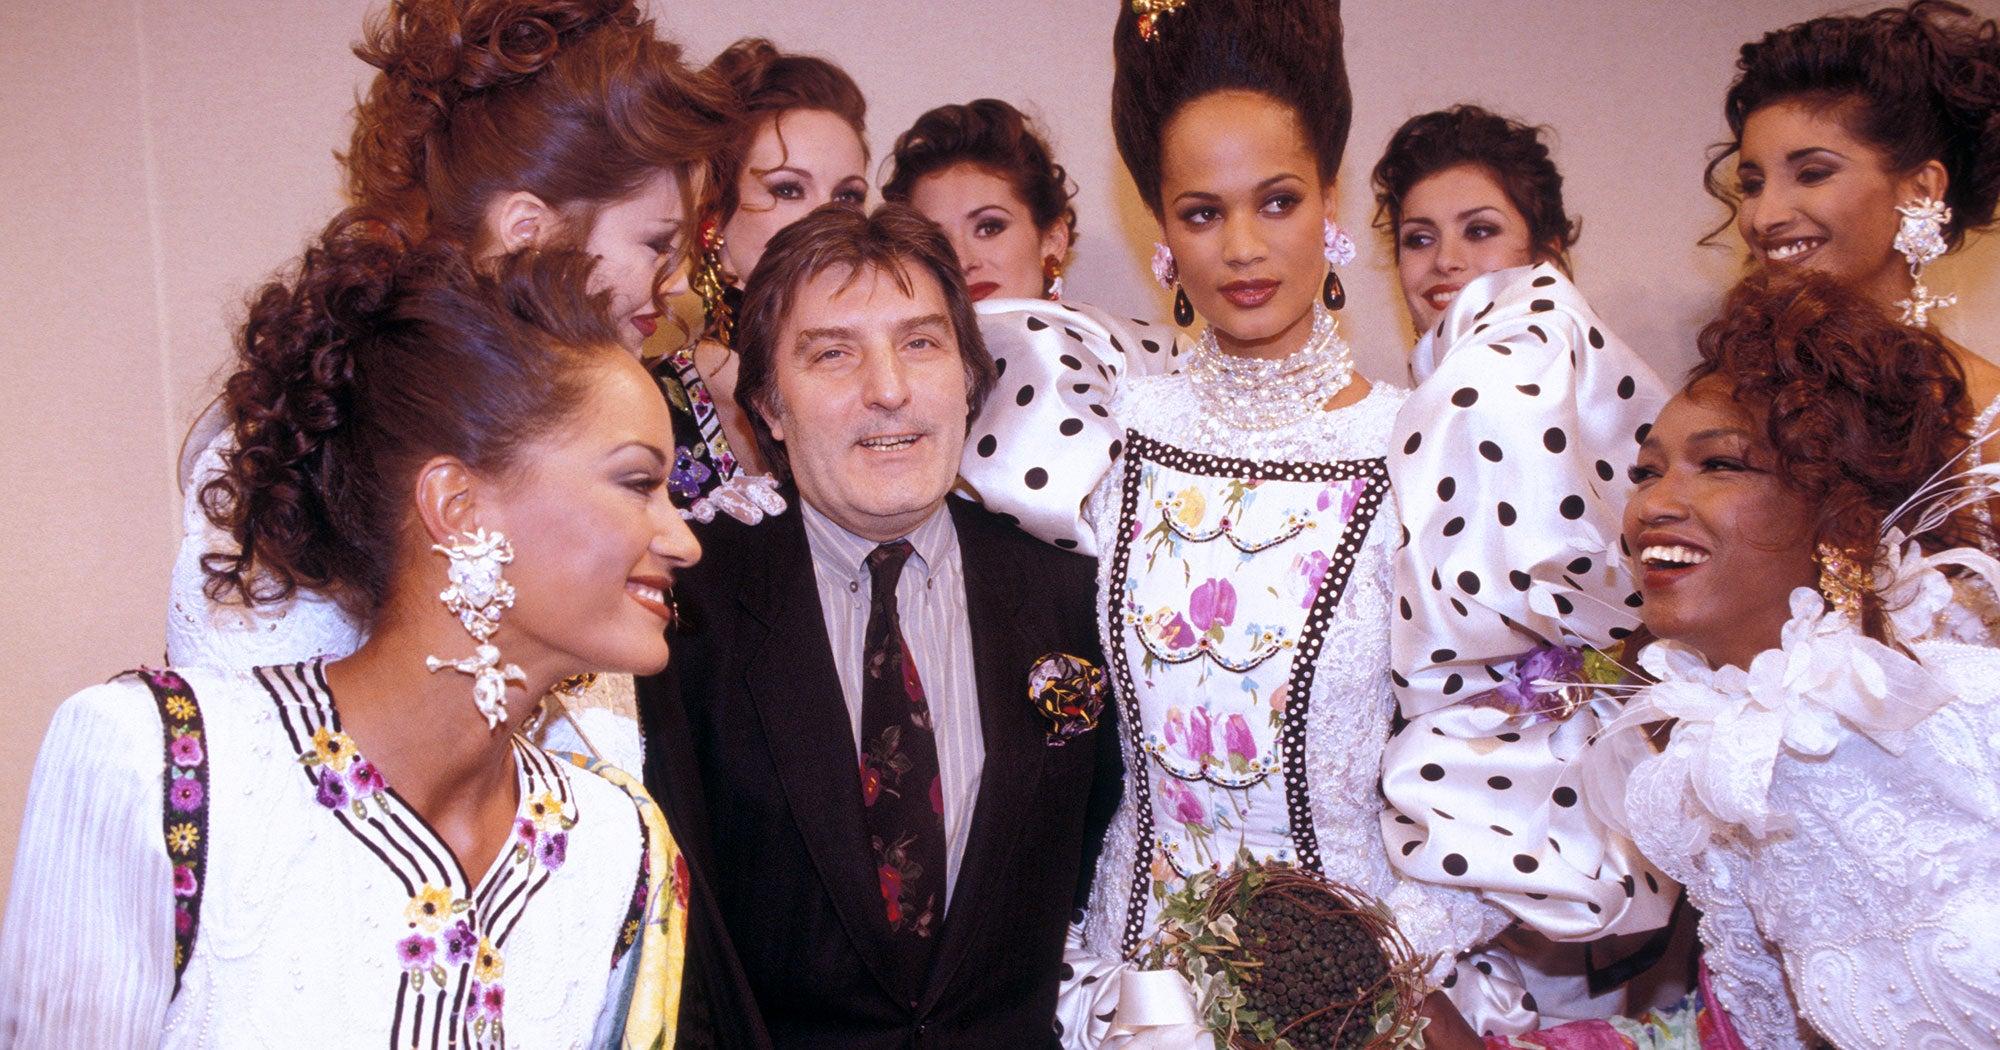 Designer Emanuel Ungaro Is Dead At 86